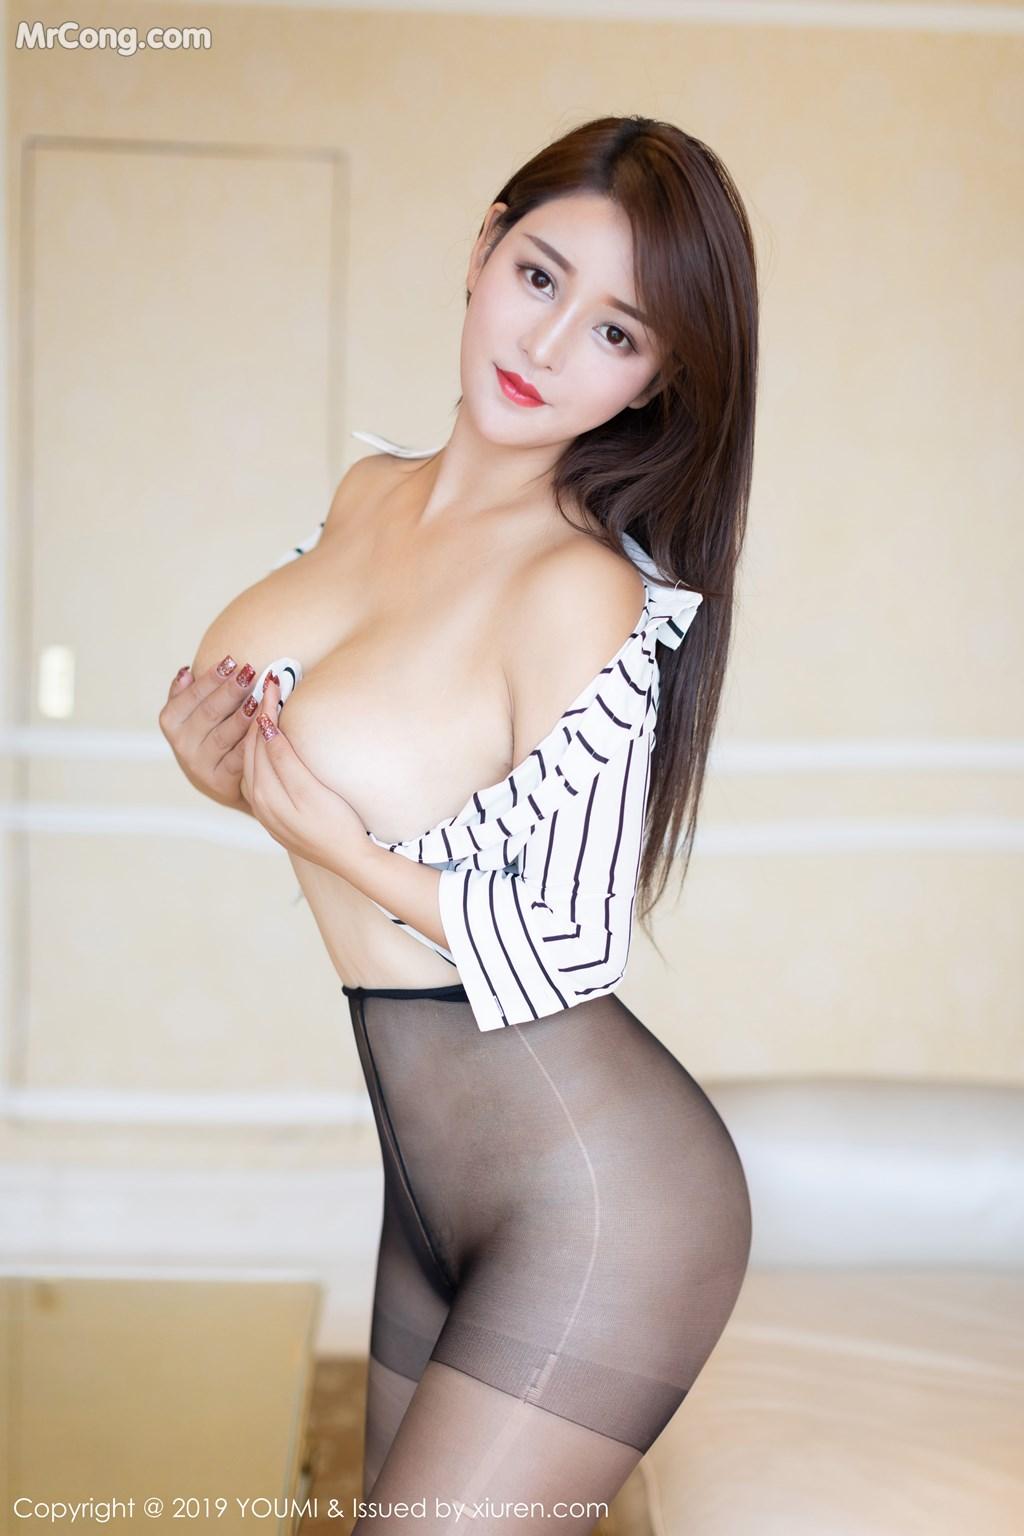 Image YouMi-Vol.341-ber-MrCong.com-036 in post YouMi Vol.341: 潘琳琳ber (56 ảnh)